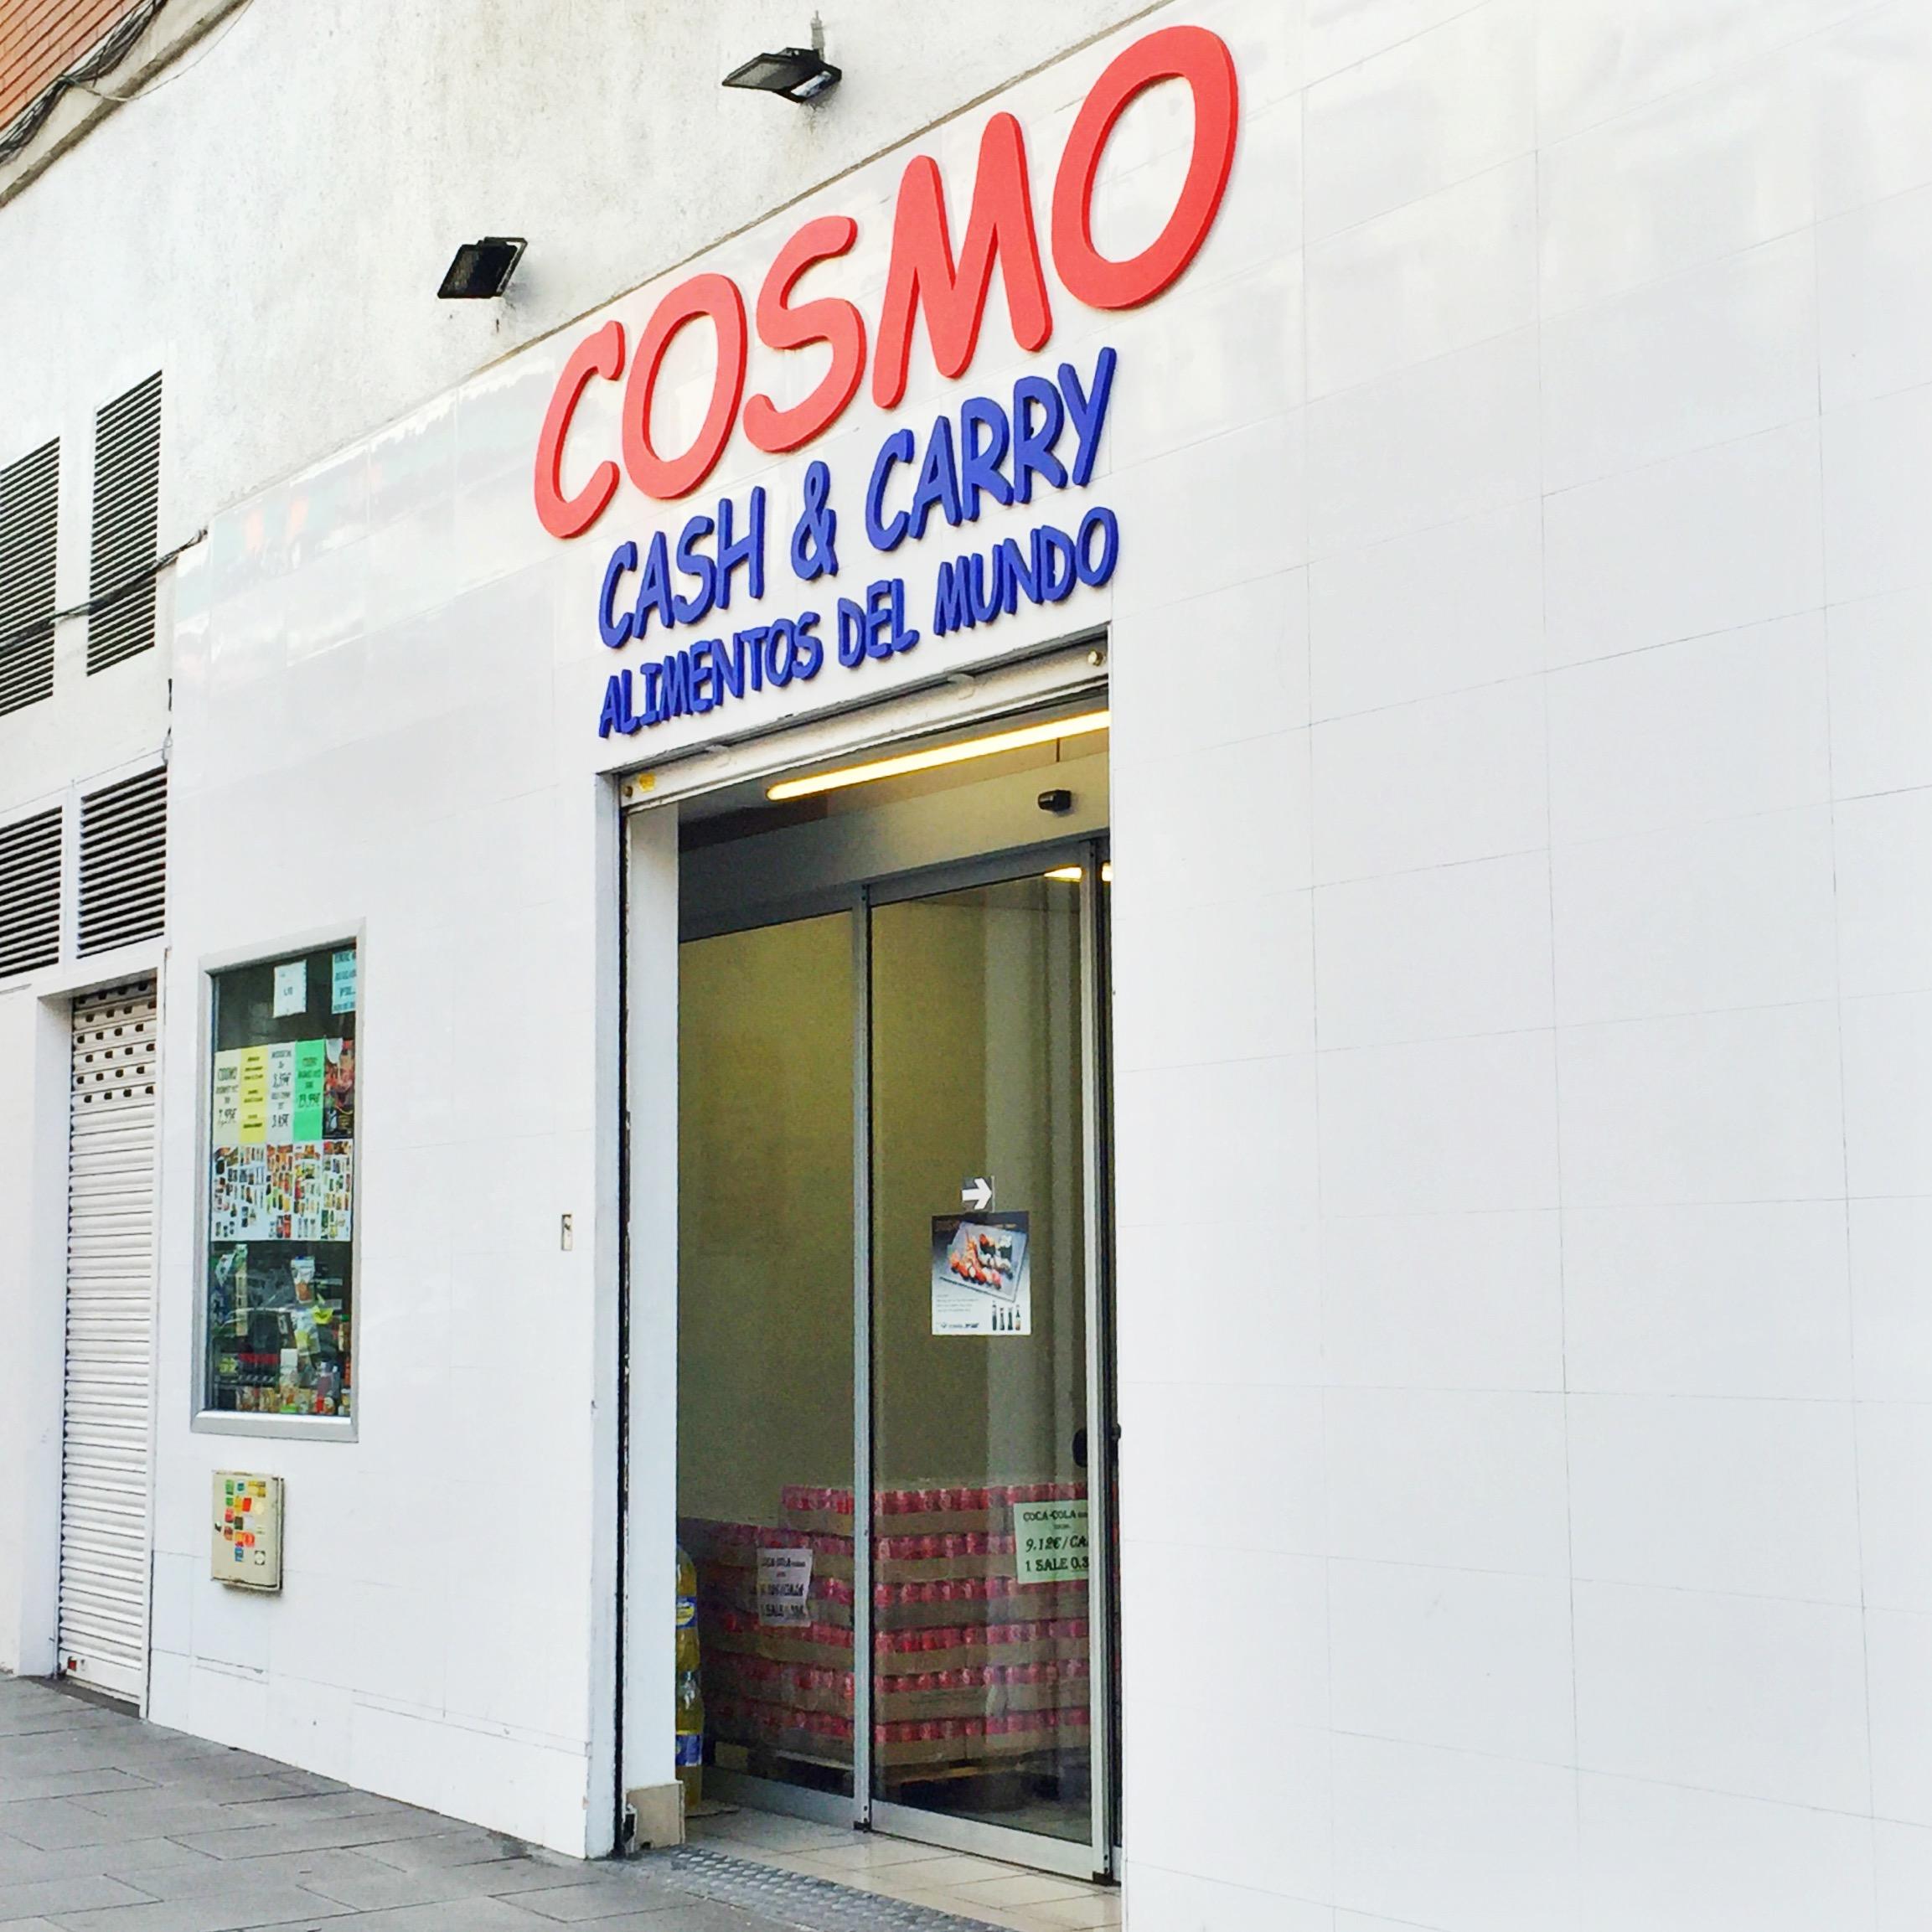 Cosmo alimentos del mundo